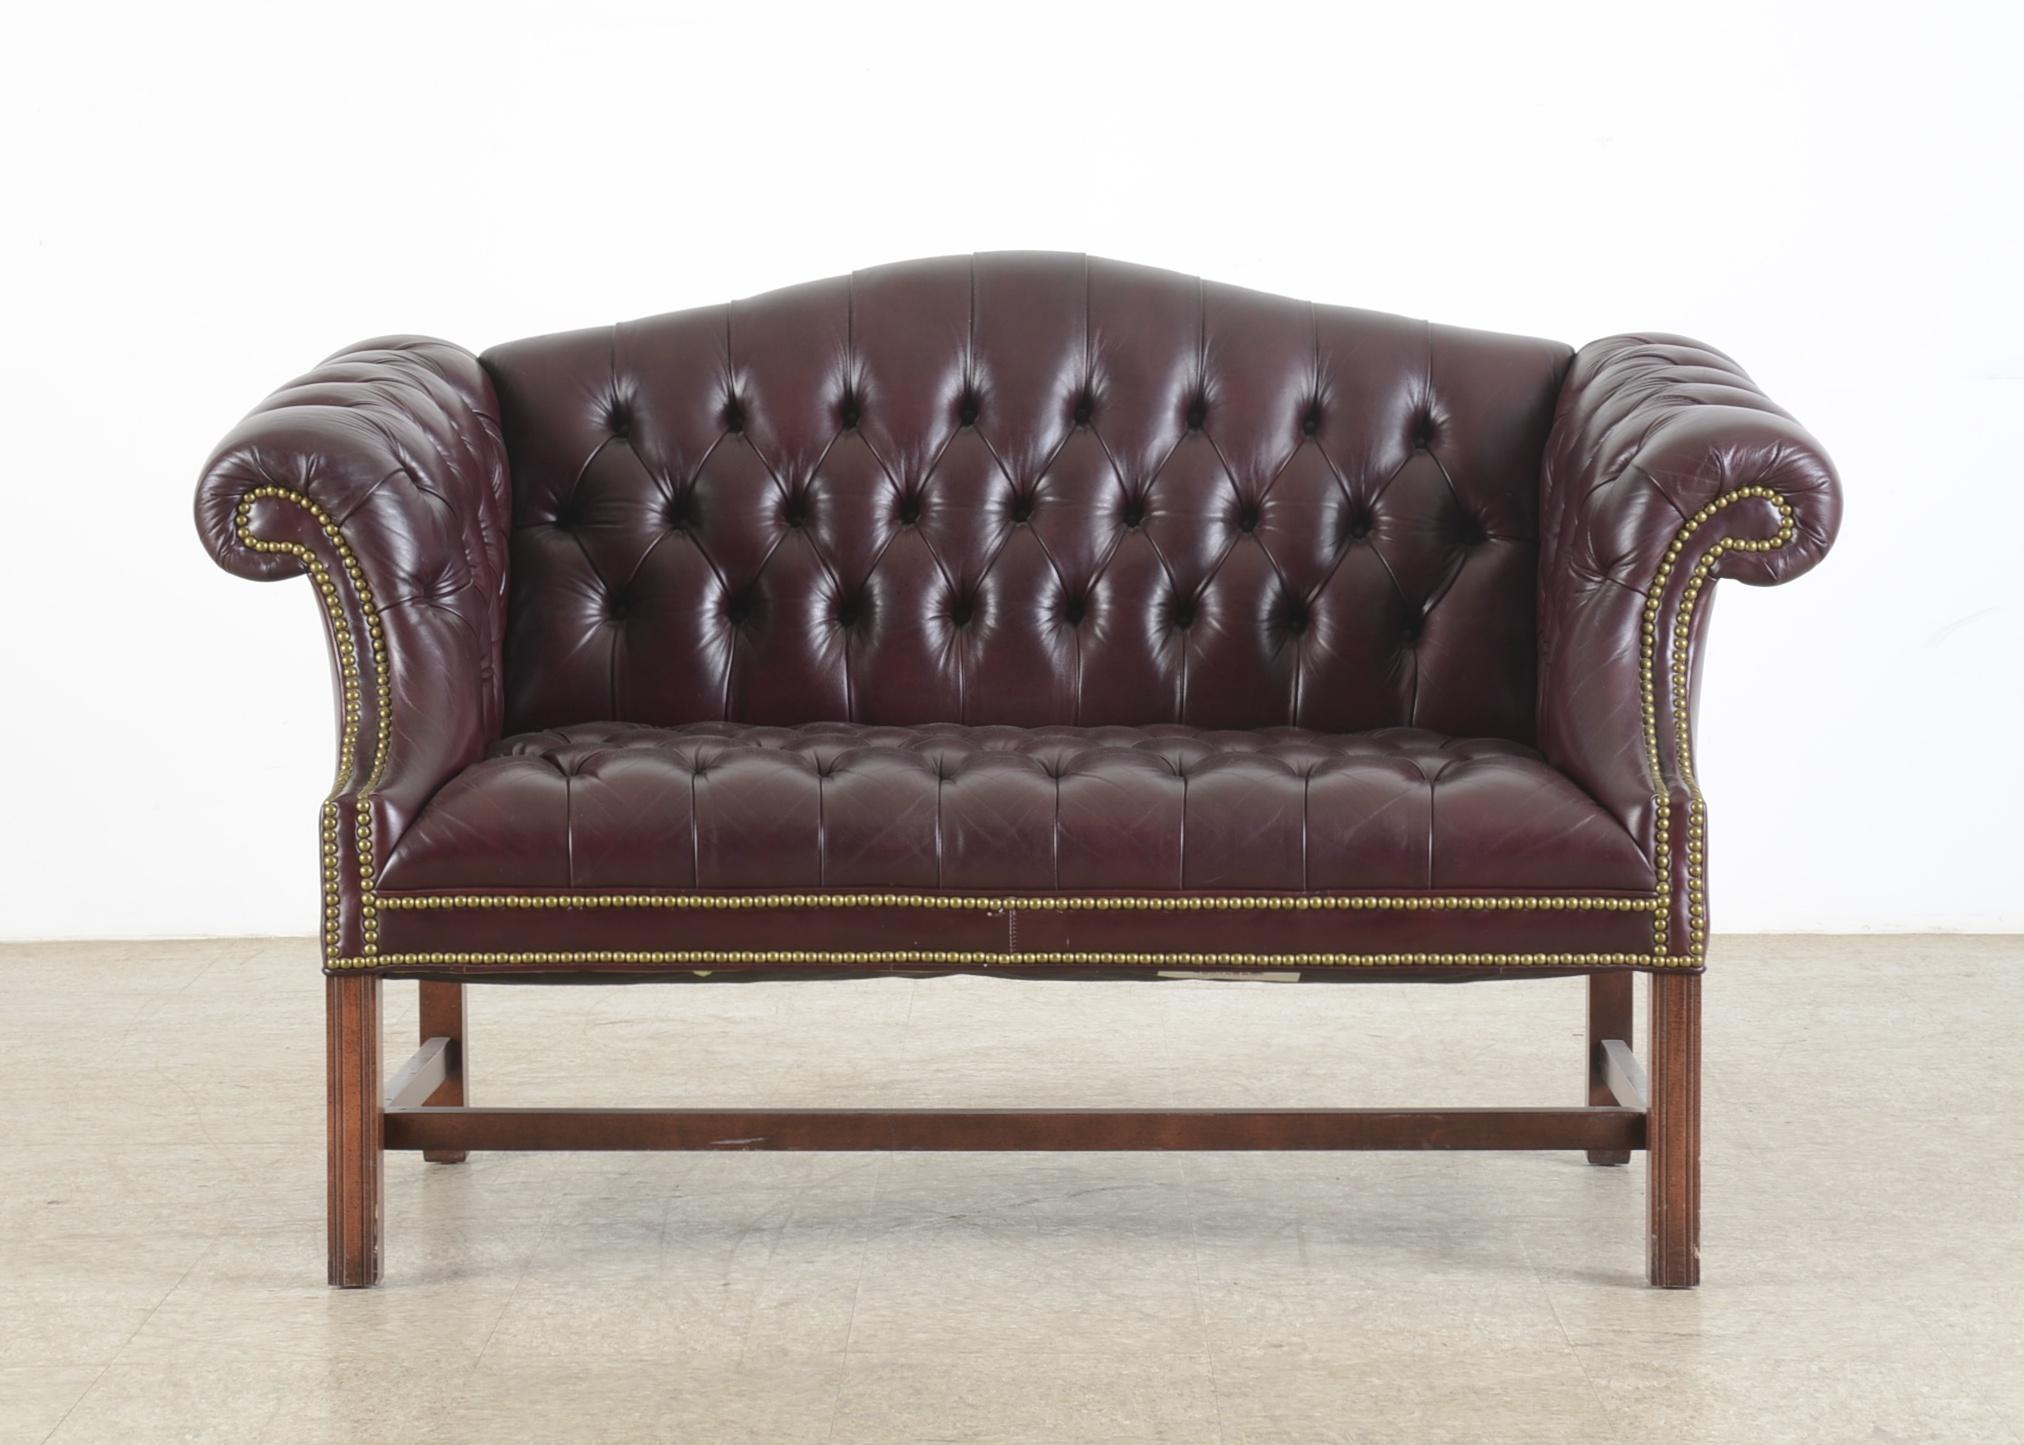 Leather Chesterfield Sofa : EBTH